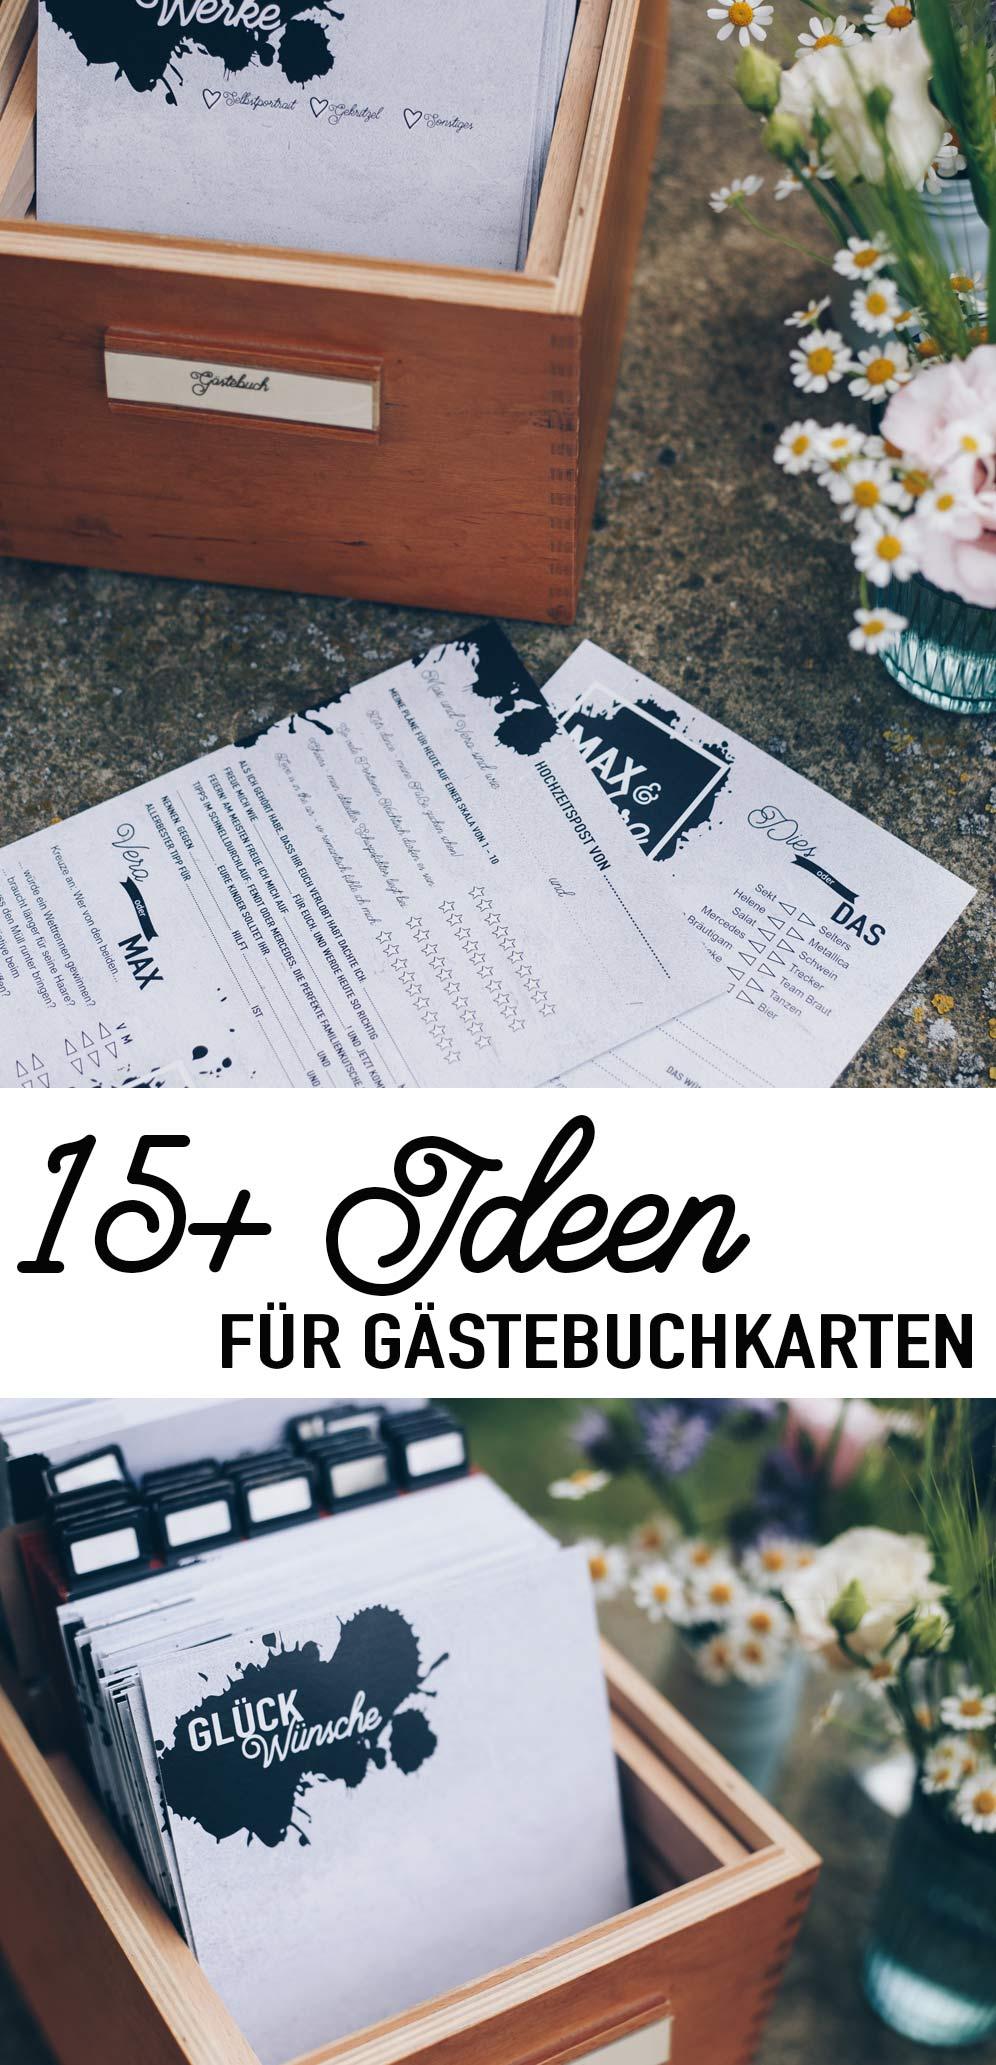 mehr als 15 Ideen für DIY Gästebuchkarten zur Hochzeit